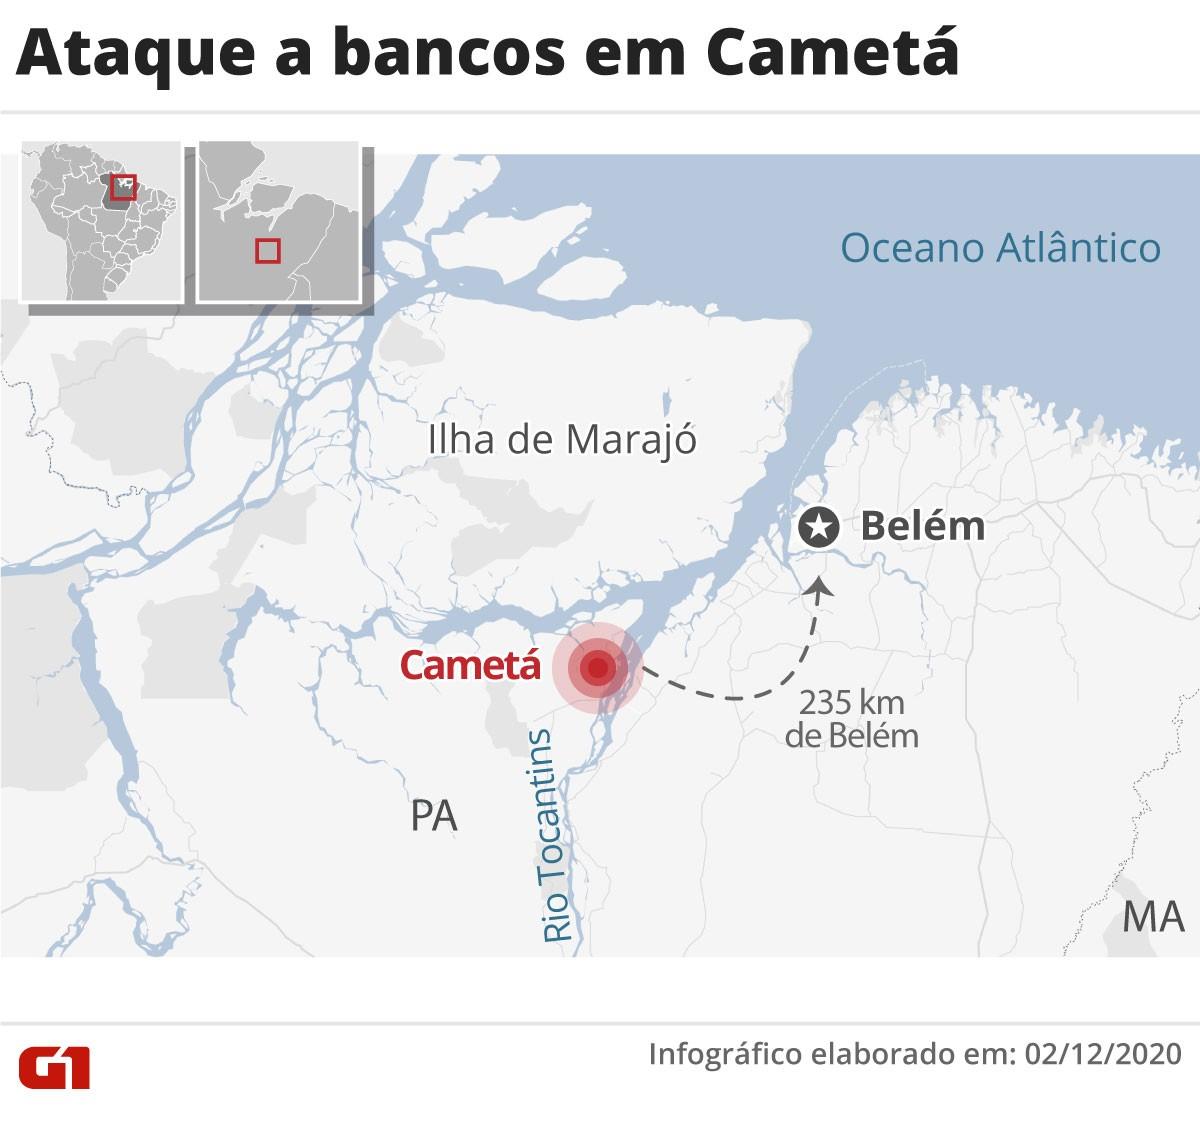 Quadrilha toma ruas e ataca bancos em Cametá, no Pará, em ação parecida com a que ocorreu em Criciúma